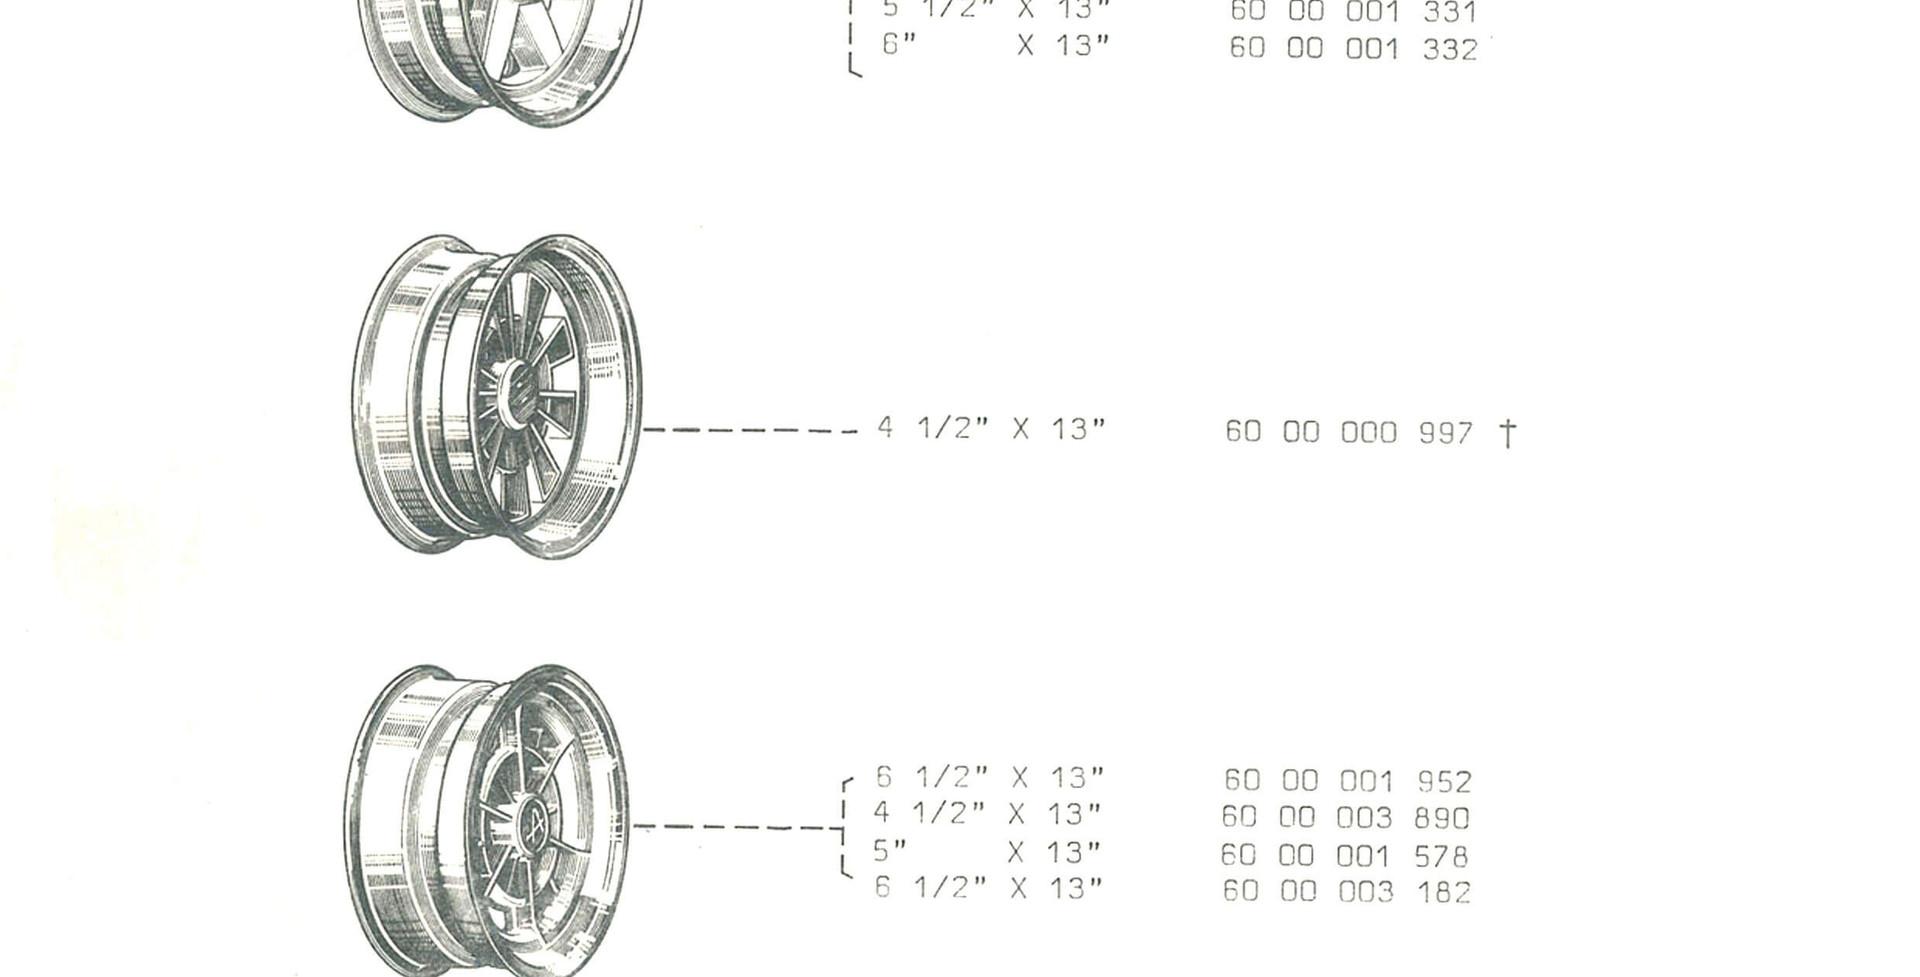 Accessoires compet.31.jpg